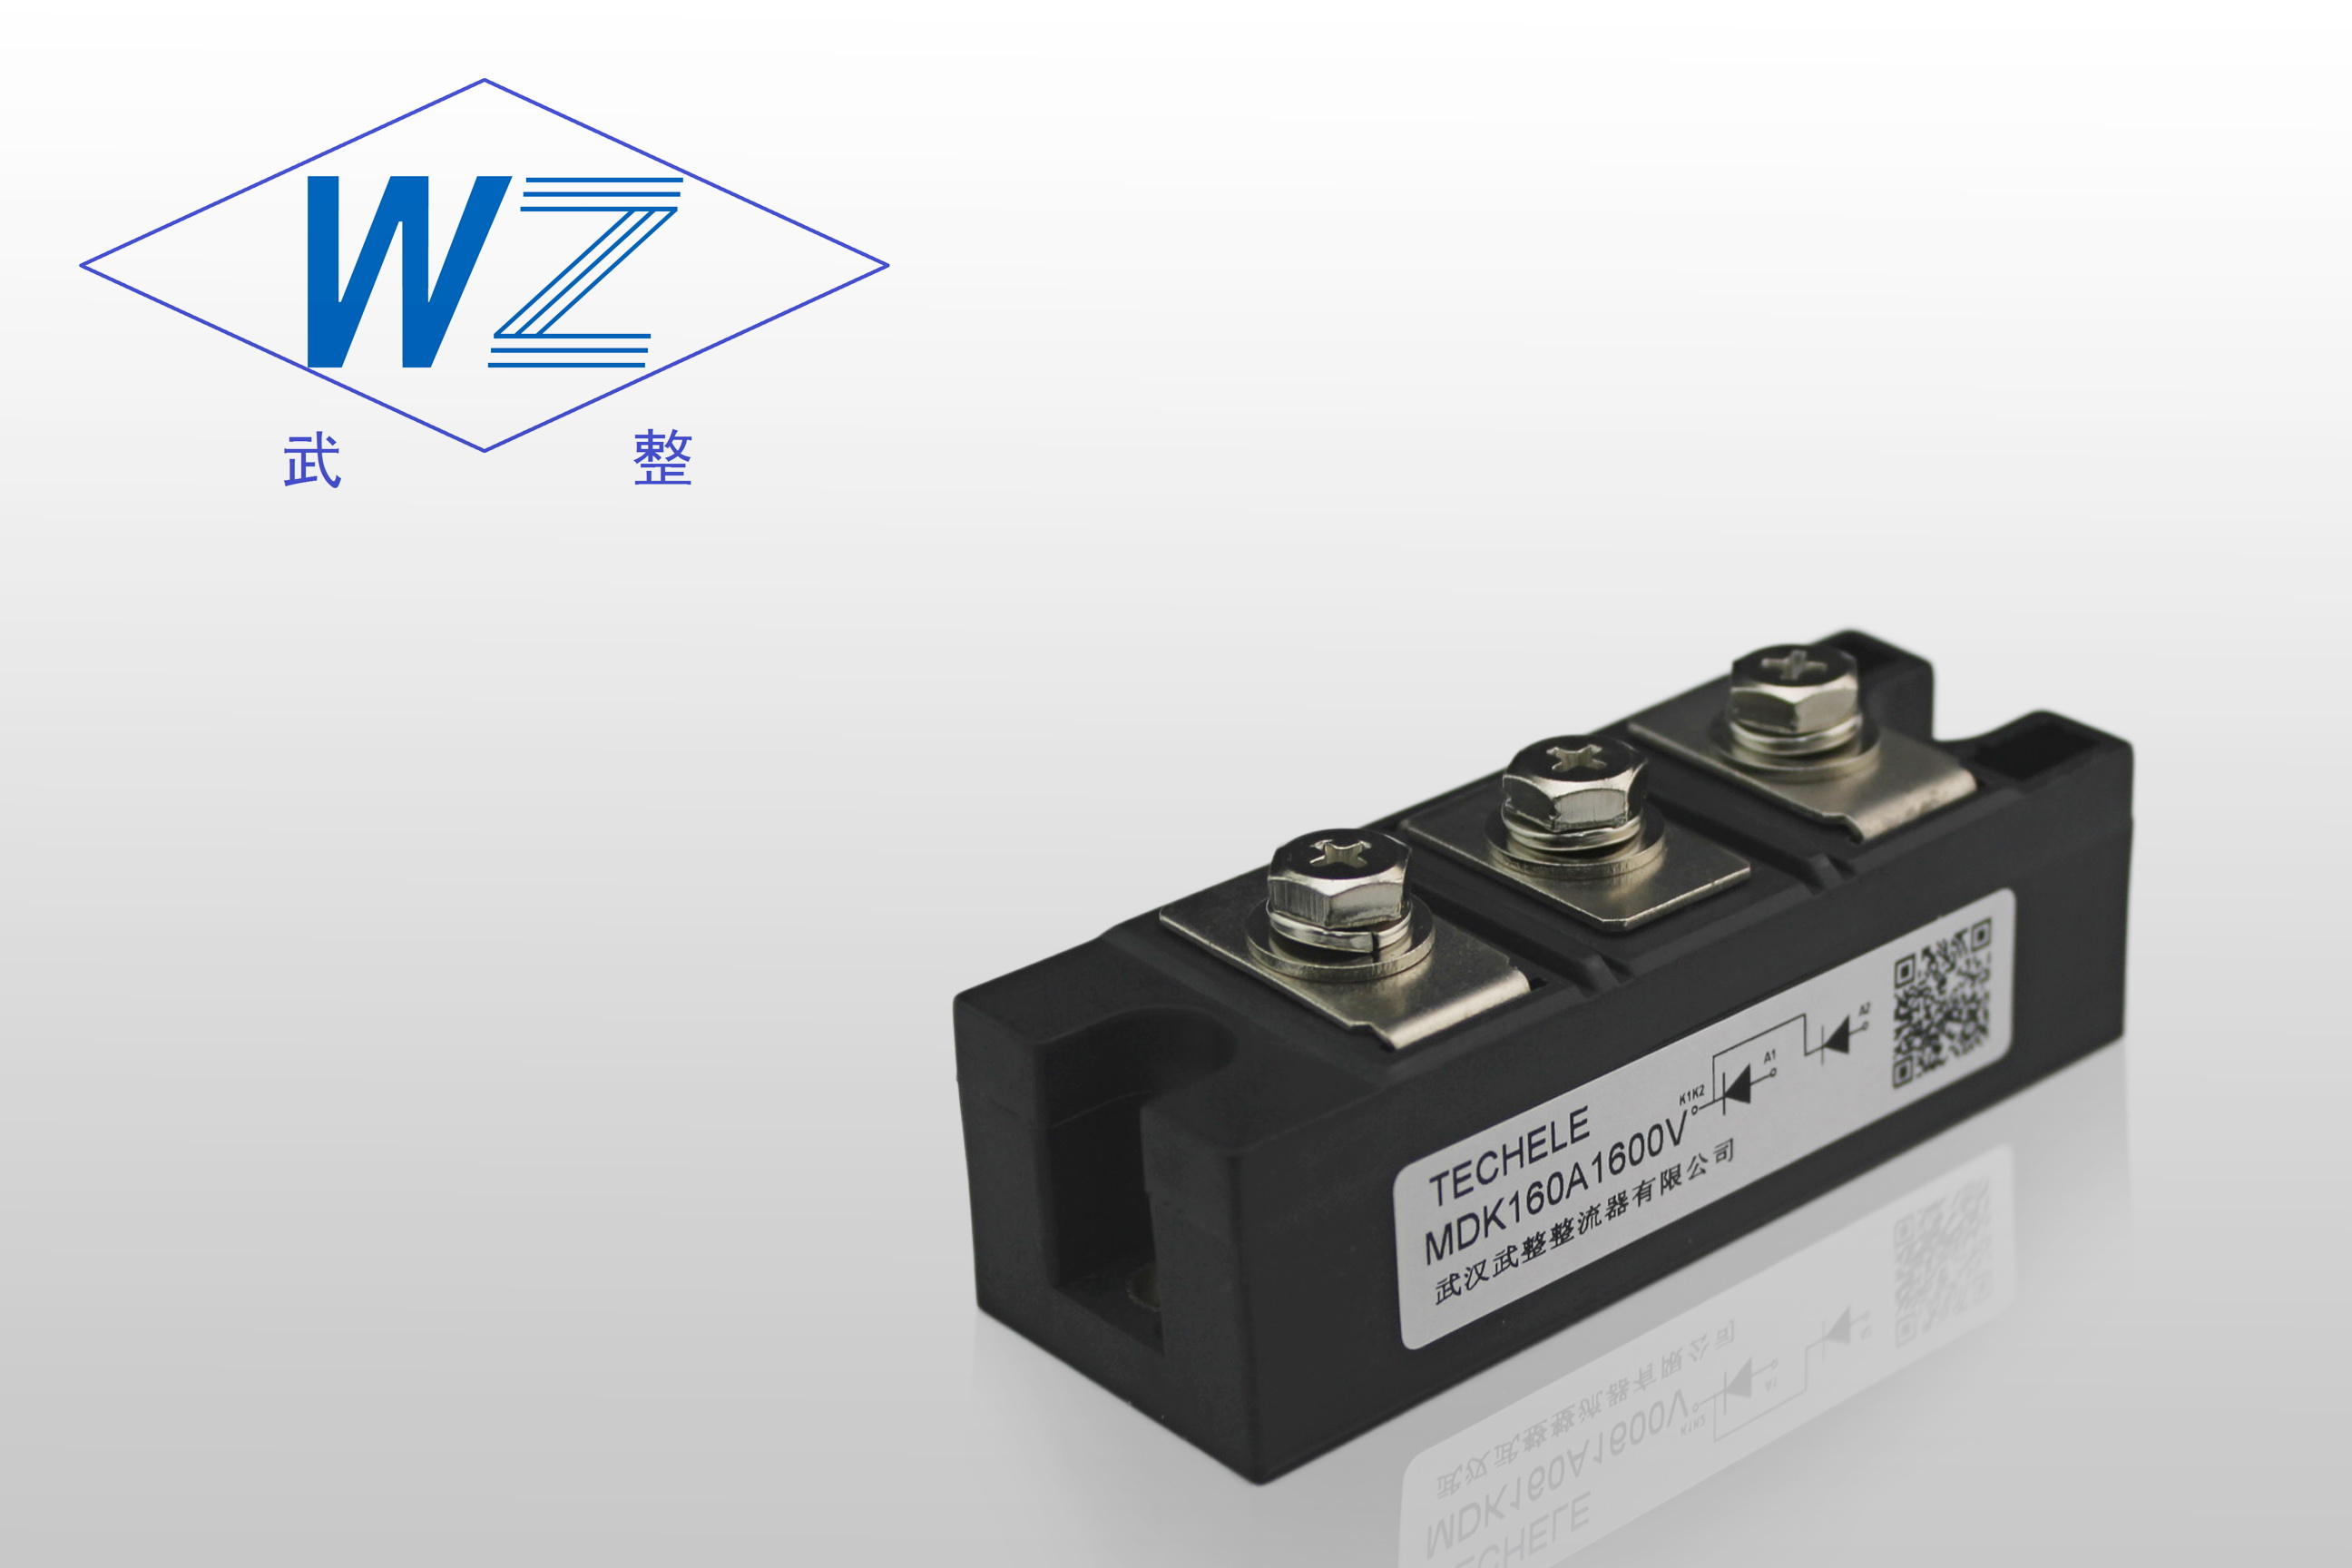 光伏电池的等效电路中二极管的作用